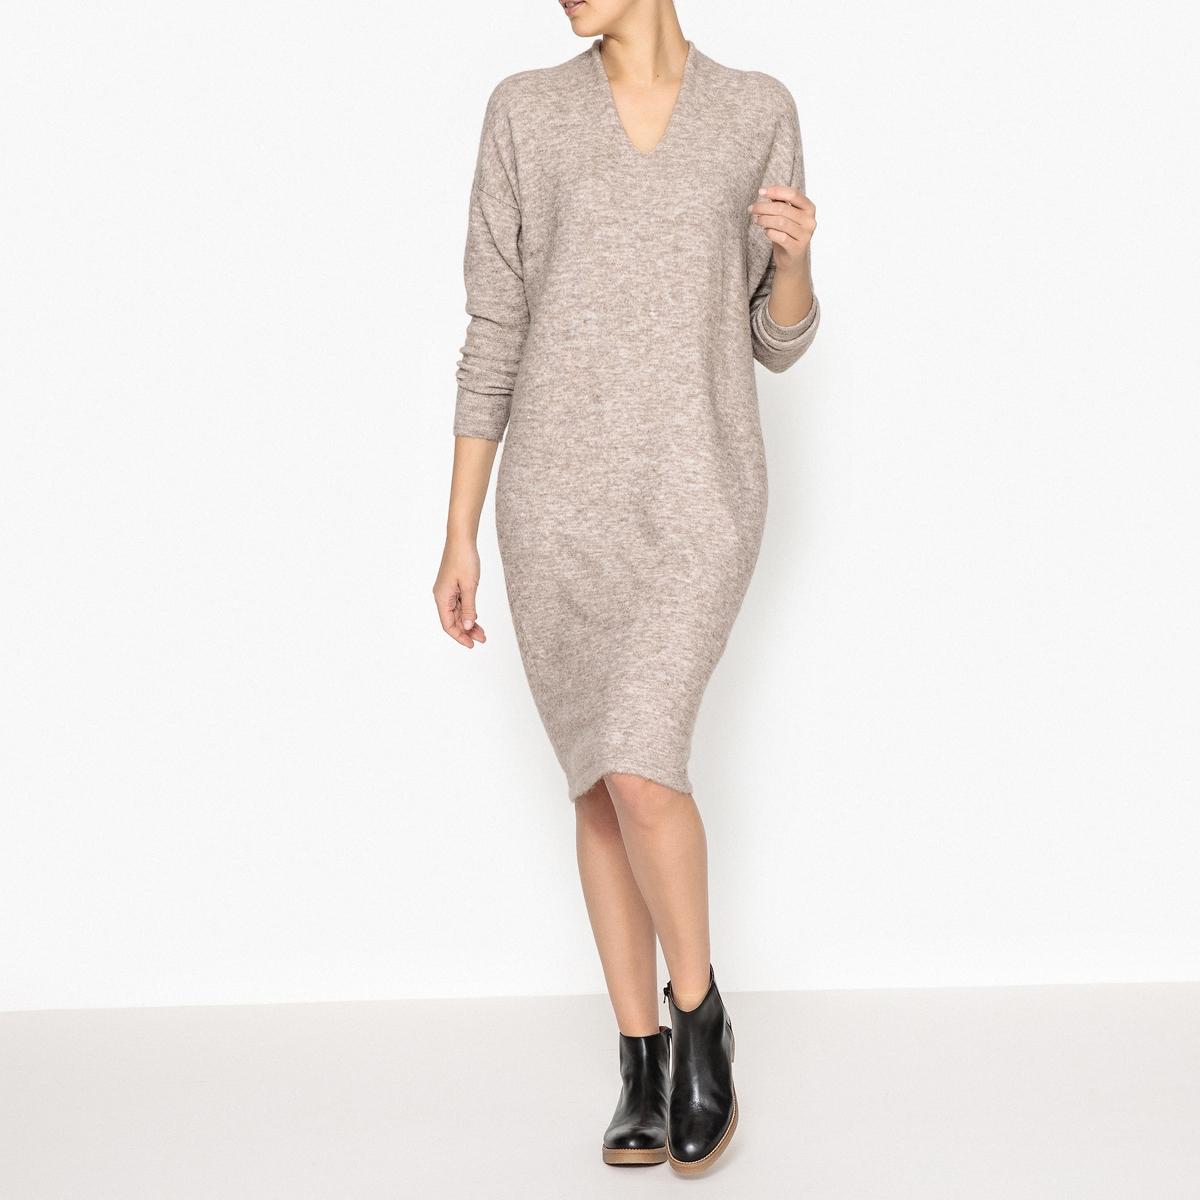 Платье-пуловер PEARL DRESSПлатье-пуловер MES DEMOISELLES - модель PEARL DRESS с V-образным вырезом, из тонкого трикотажа из шерсти и мохера меланж.Детали •  Форма : прямая •  Длина ниже колен •  Длинные рукава     •   V-образный вырезСостав и уход •  6% шерсти, 8% эластана, 42% мохера, 44% полиамида •  Следуйте советам по уходу, указанным на этикетке<br><br>Цвет: бежевый меланж,темно-синий